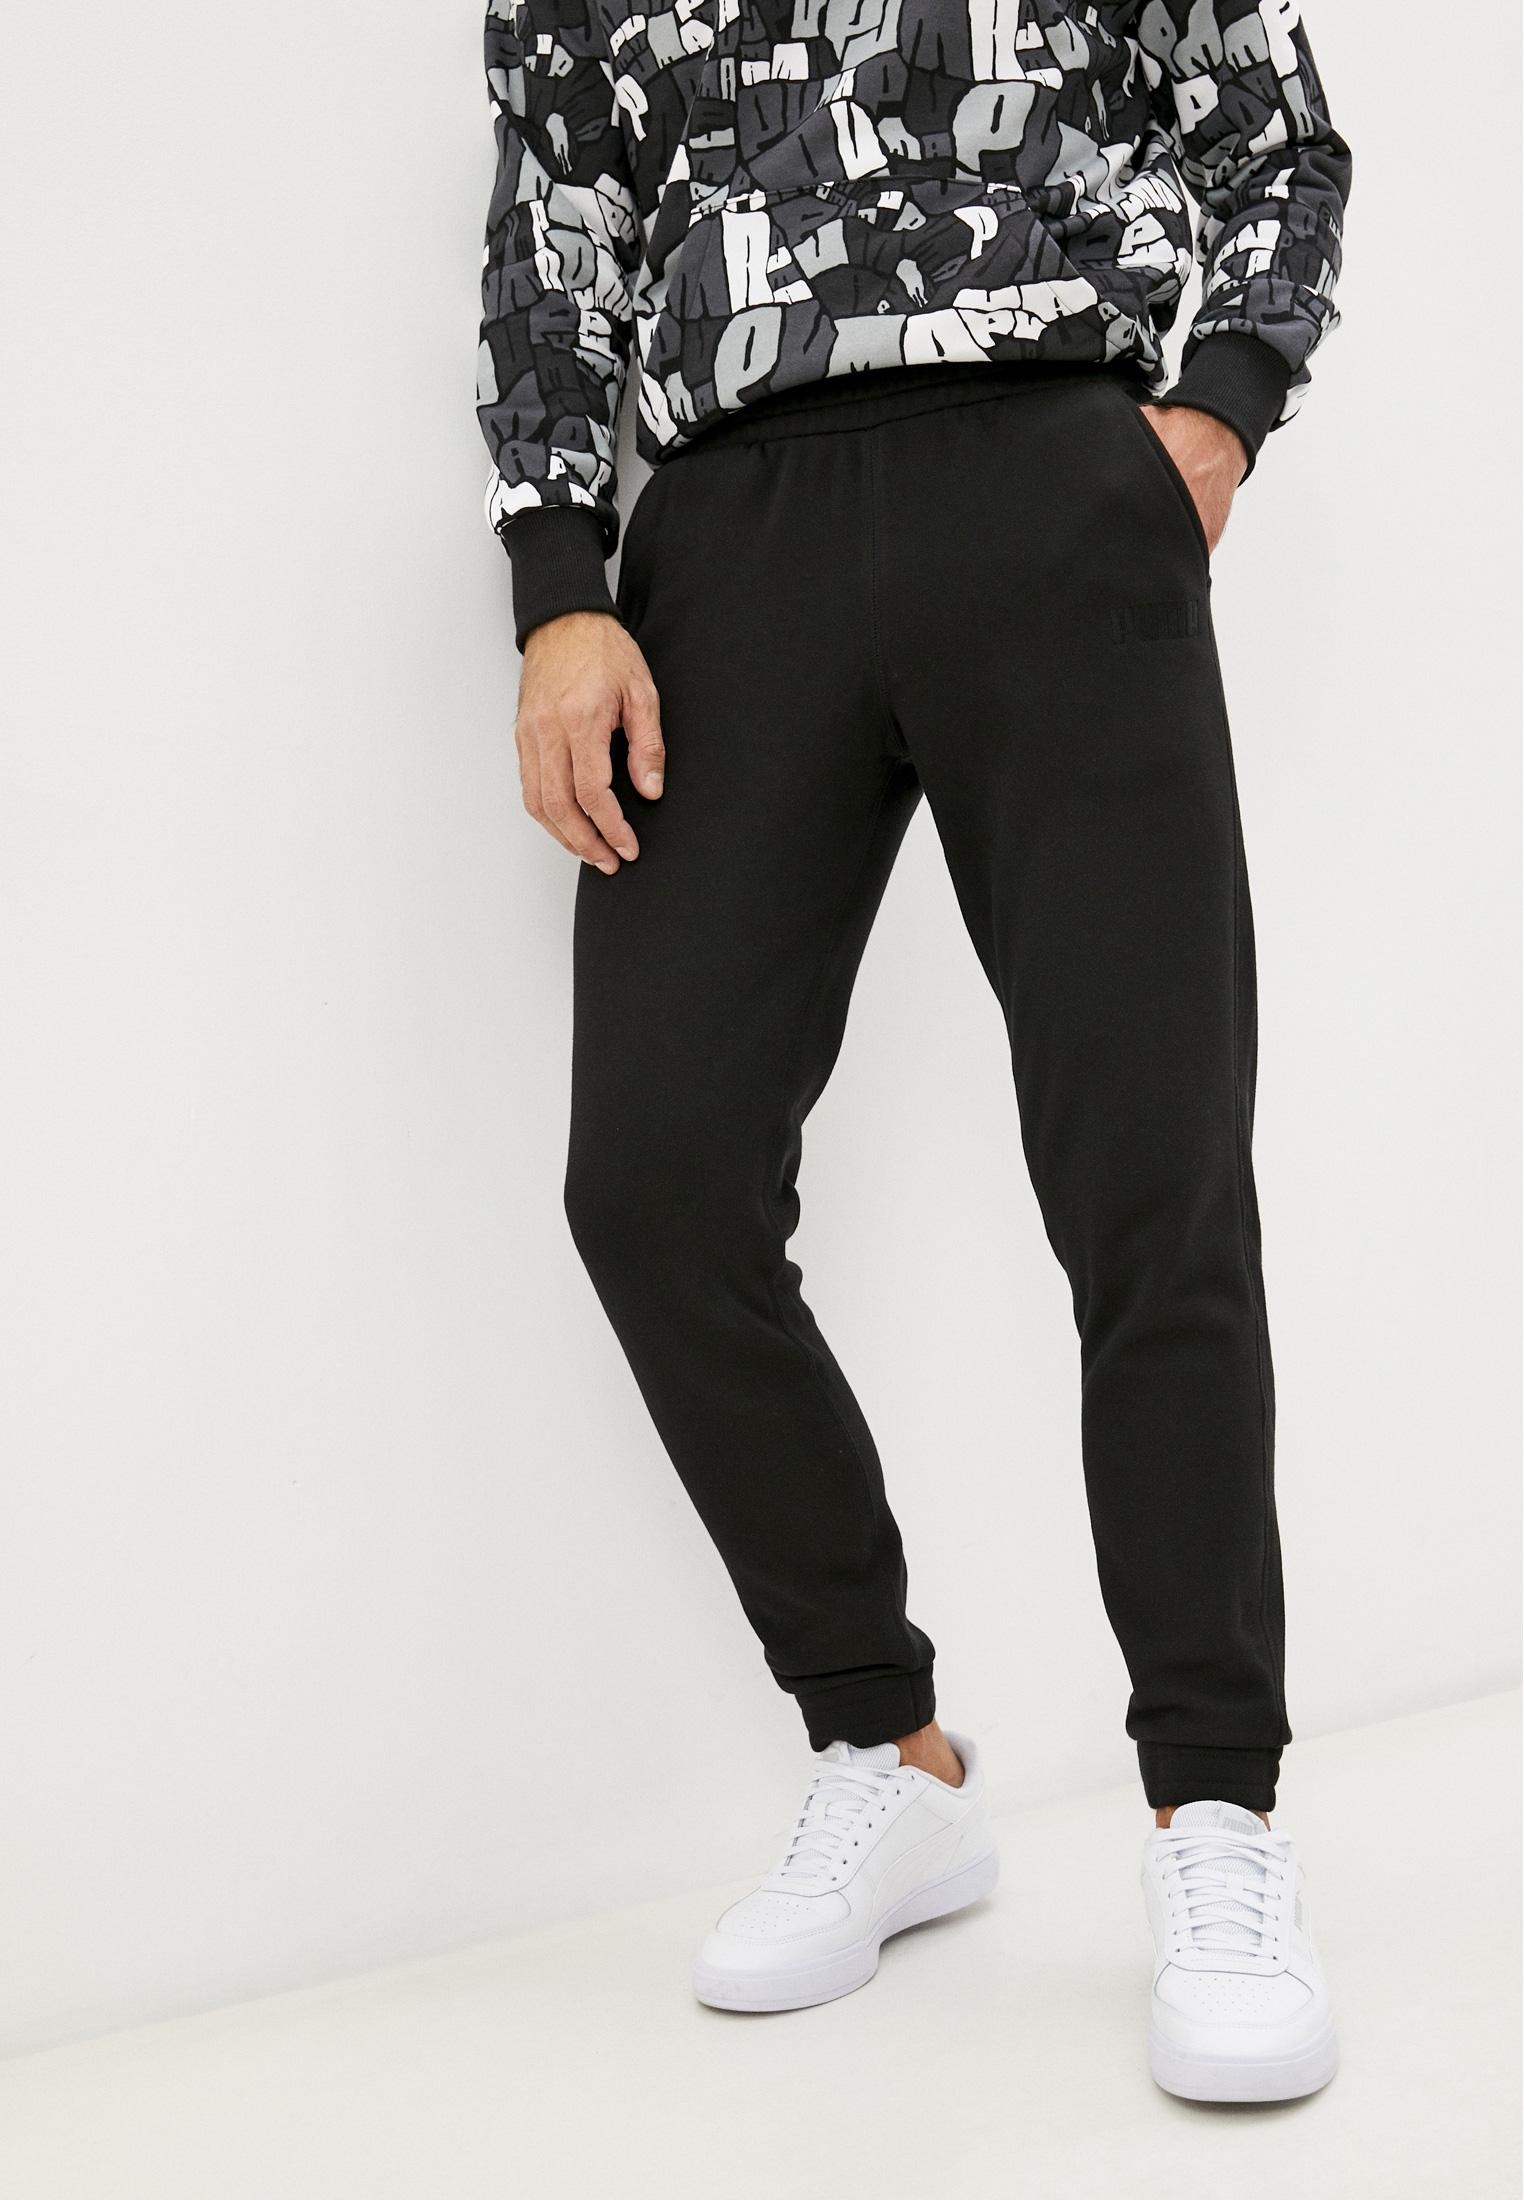 Мужские спортивные брюки Puma (Пума) Брюки спортивные PUMA